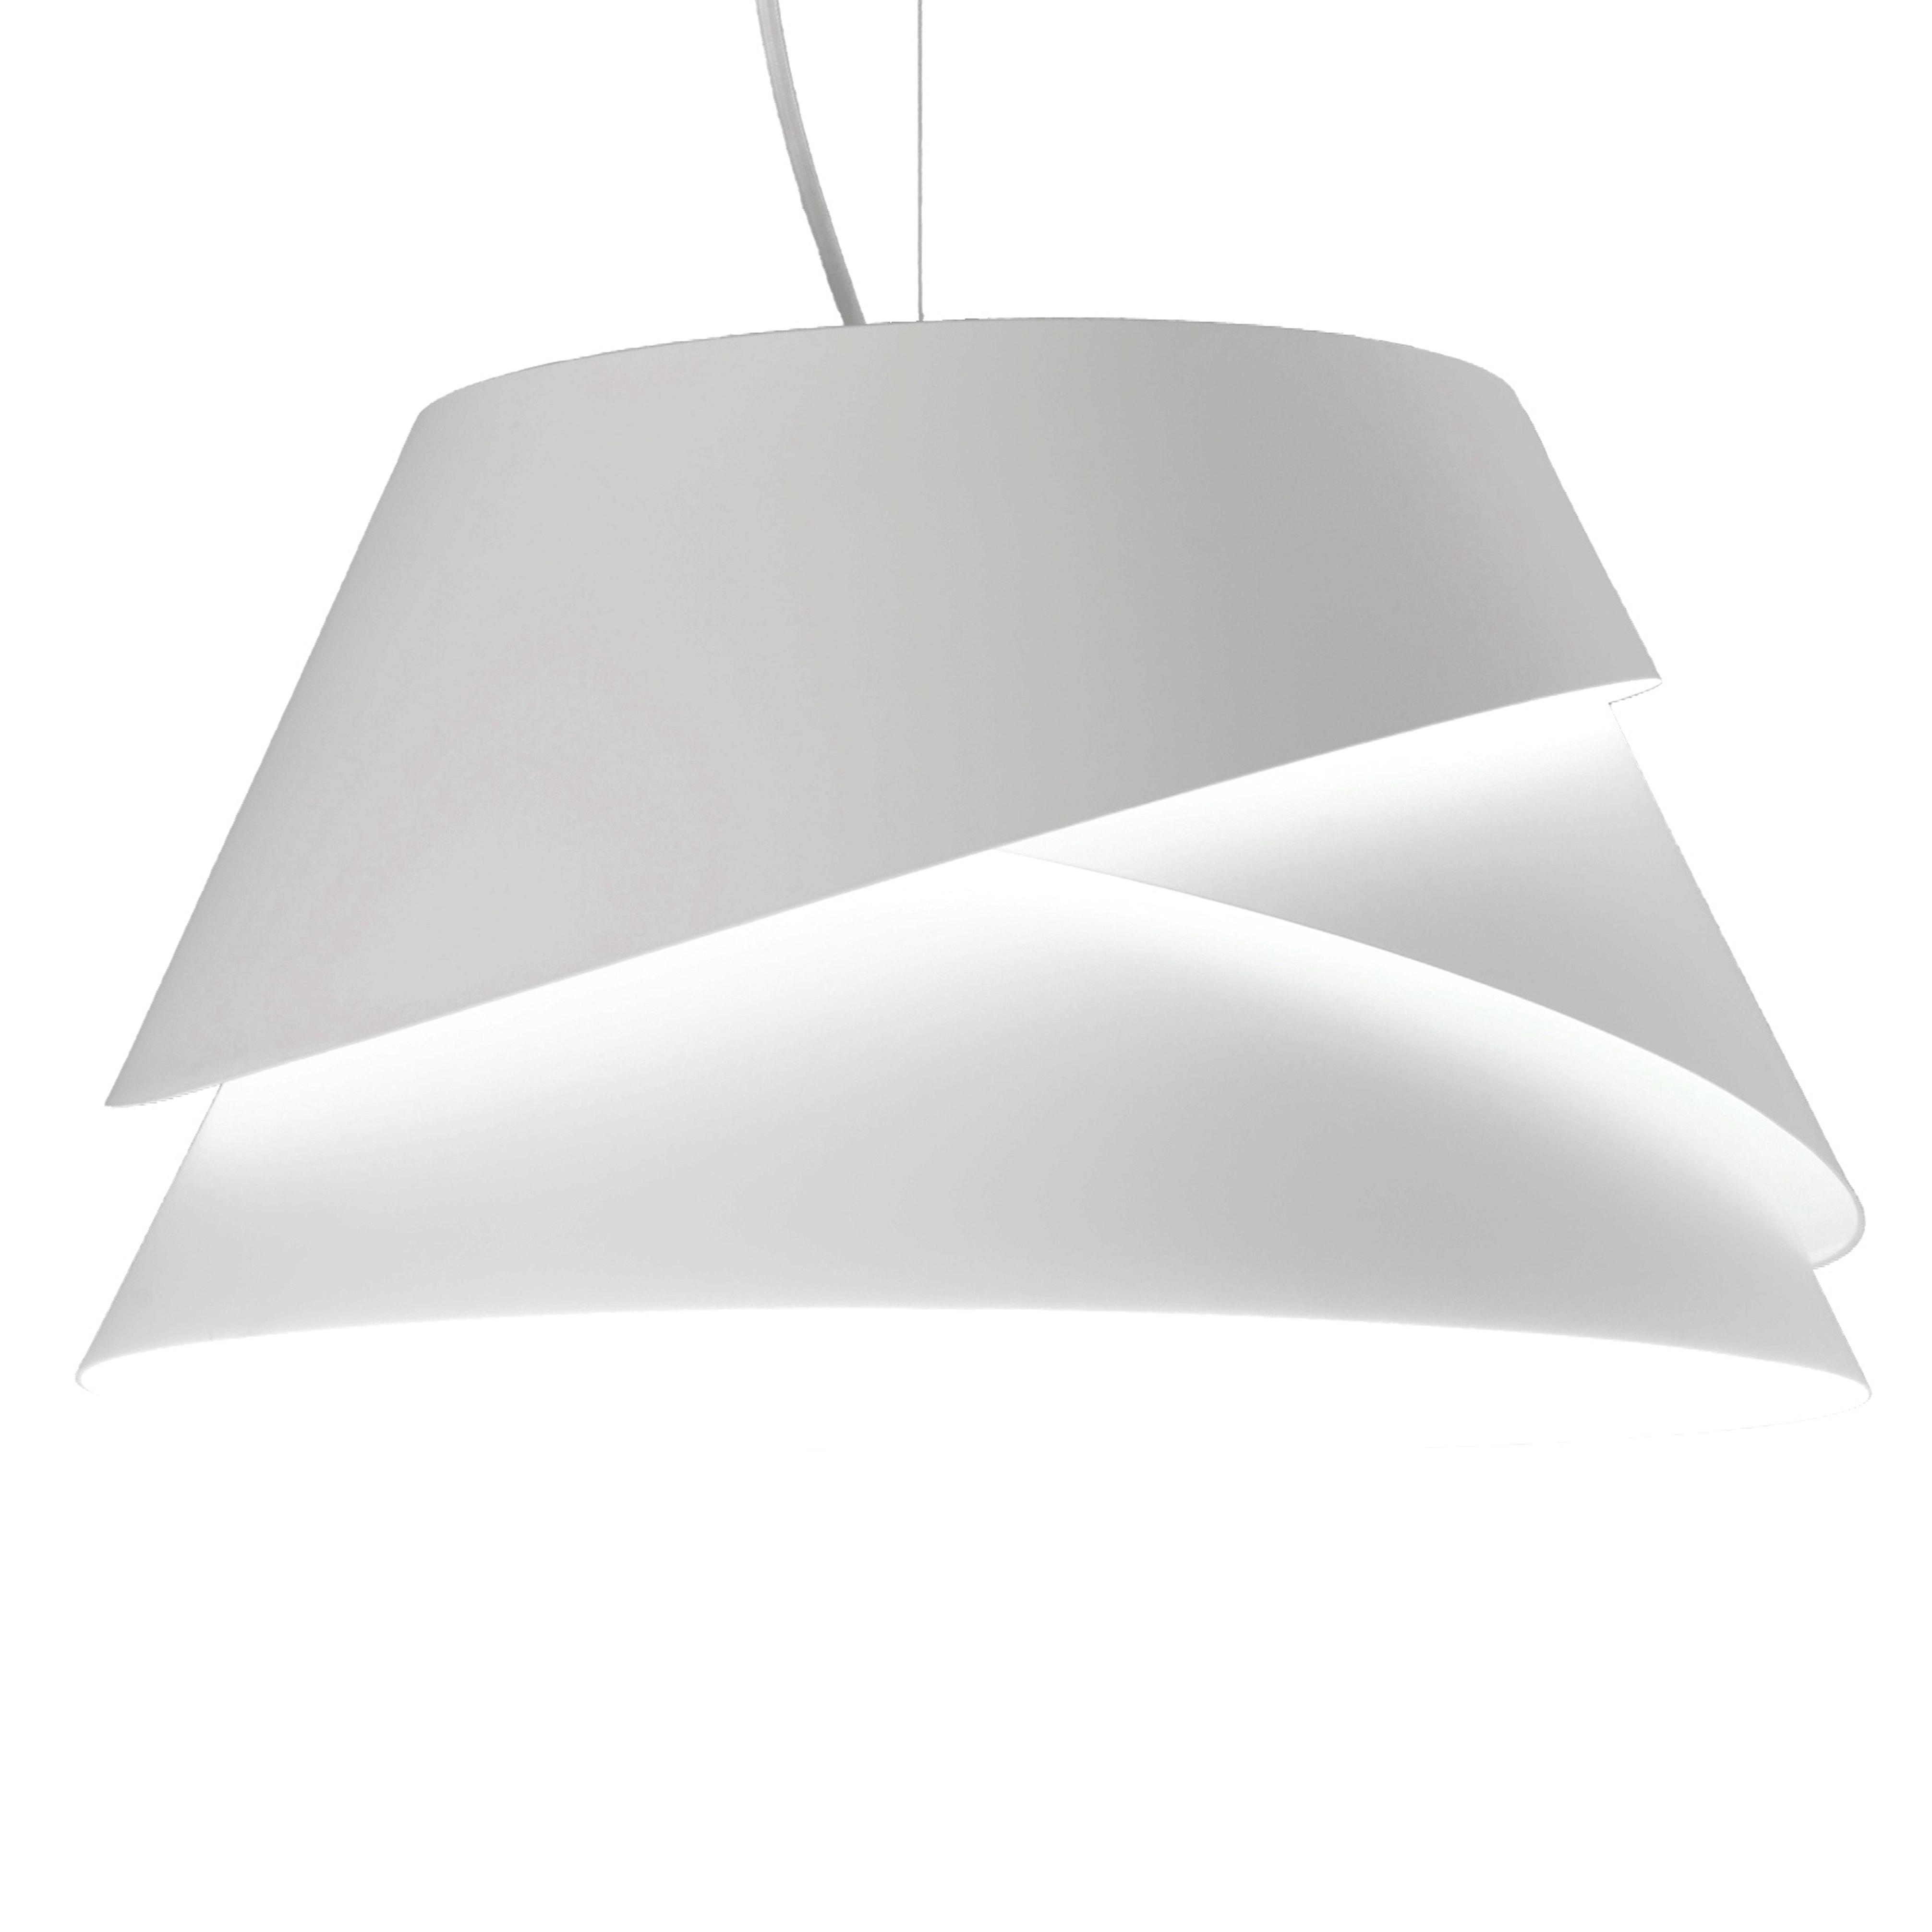 Подвесной светильник Mantra Alboran 5860, белый, металл - фото 3